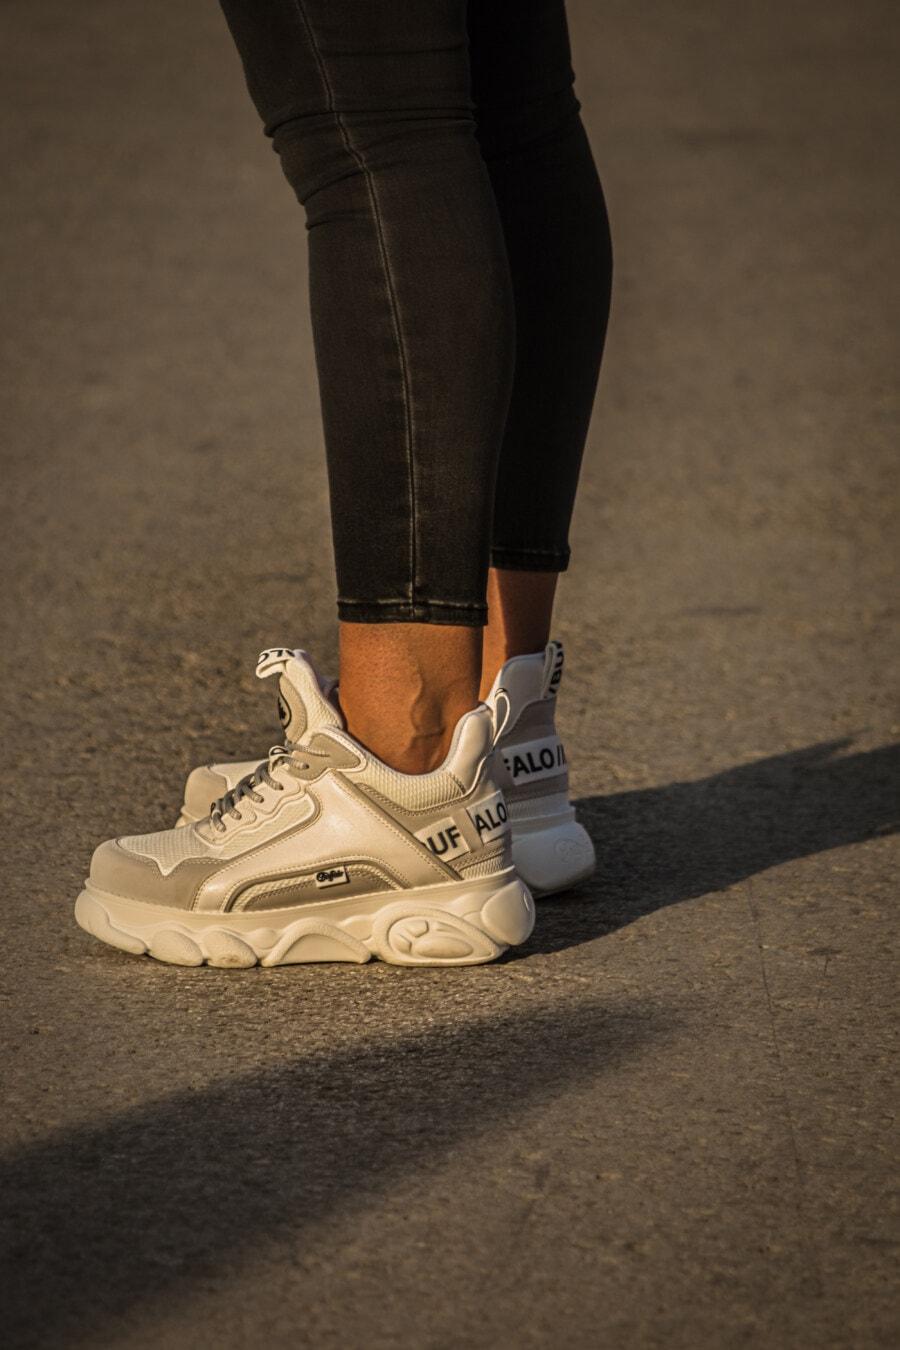 Hose, Schwarz, Jeans, Outfit, beiläufig, Turnschuhe, weiß, Lust auf, Mode, Fuß